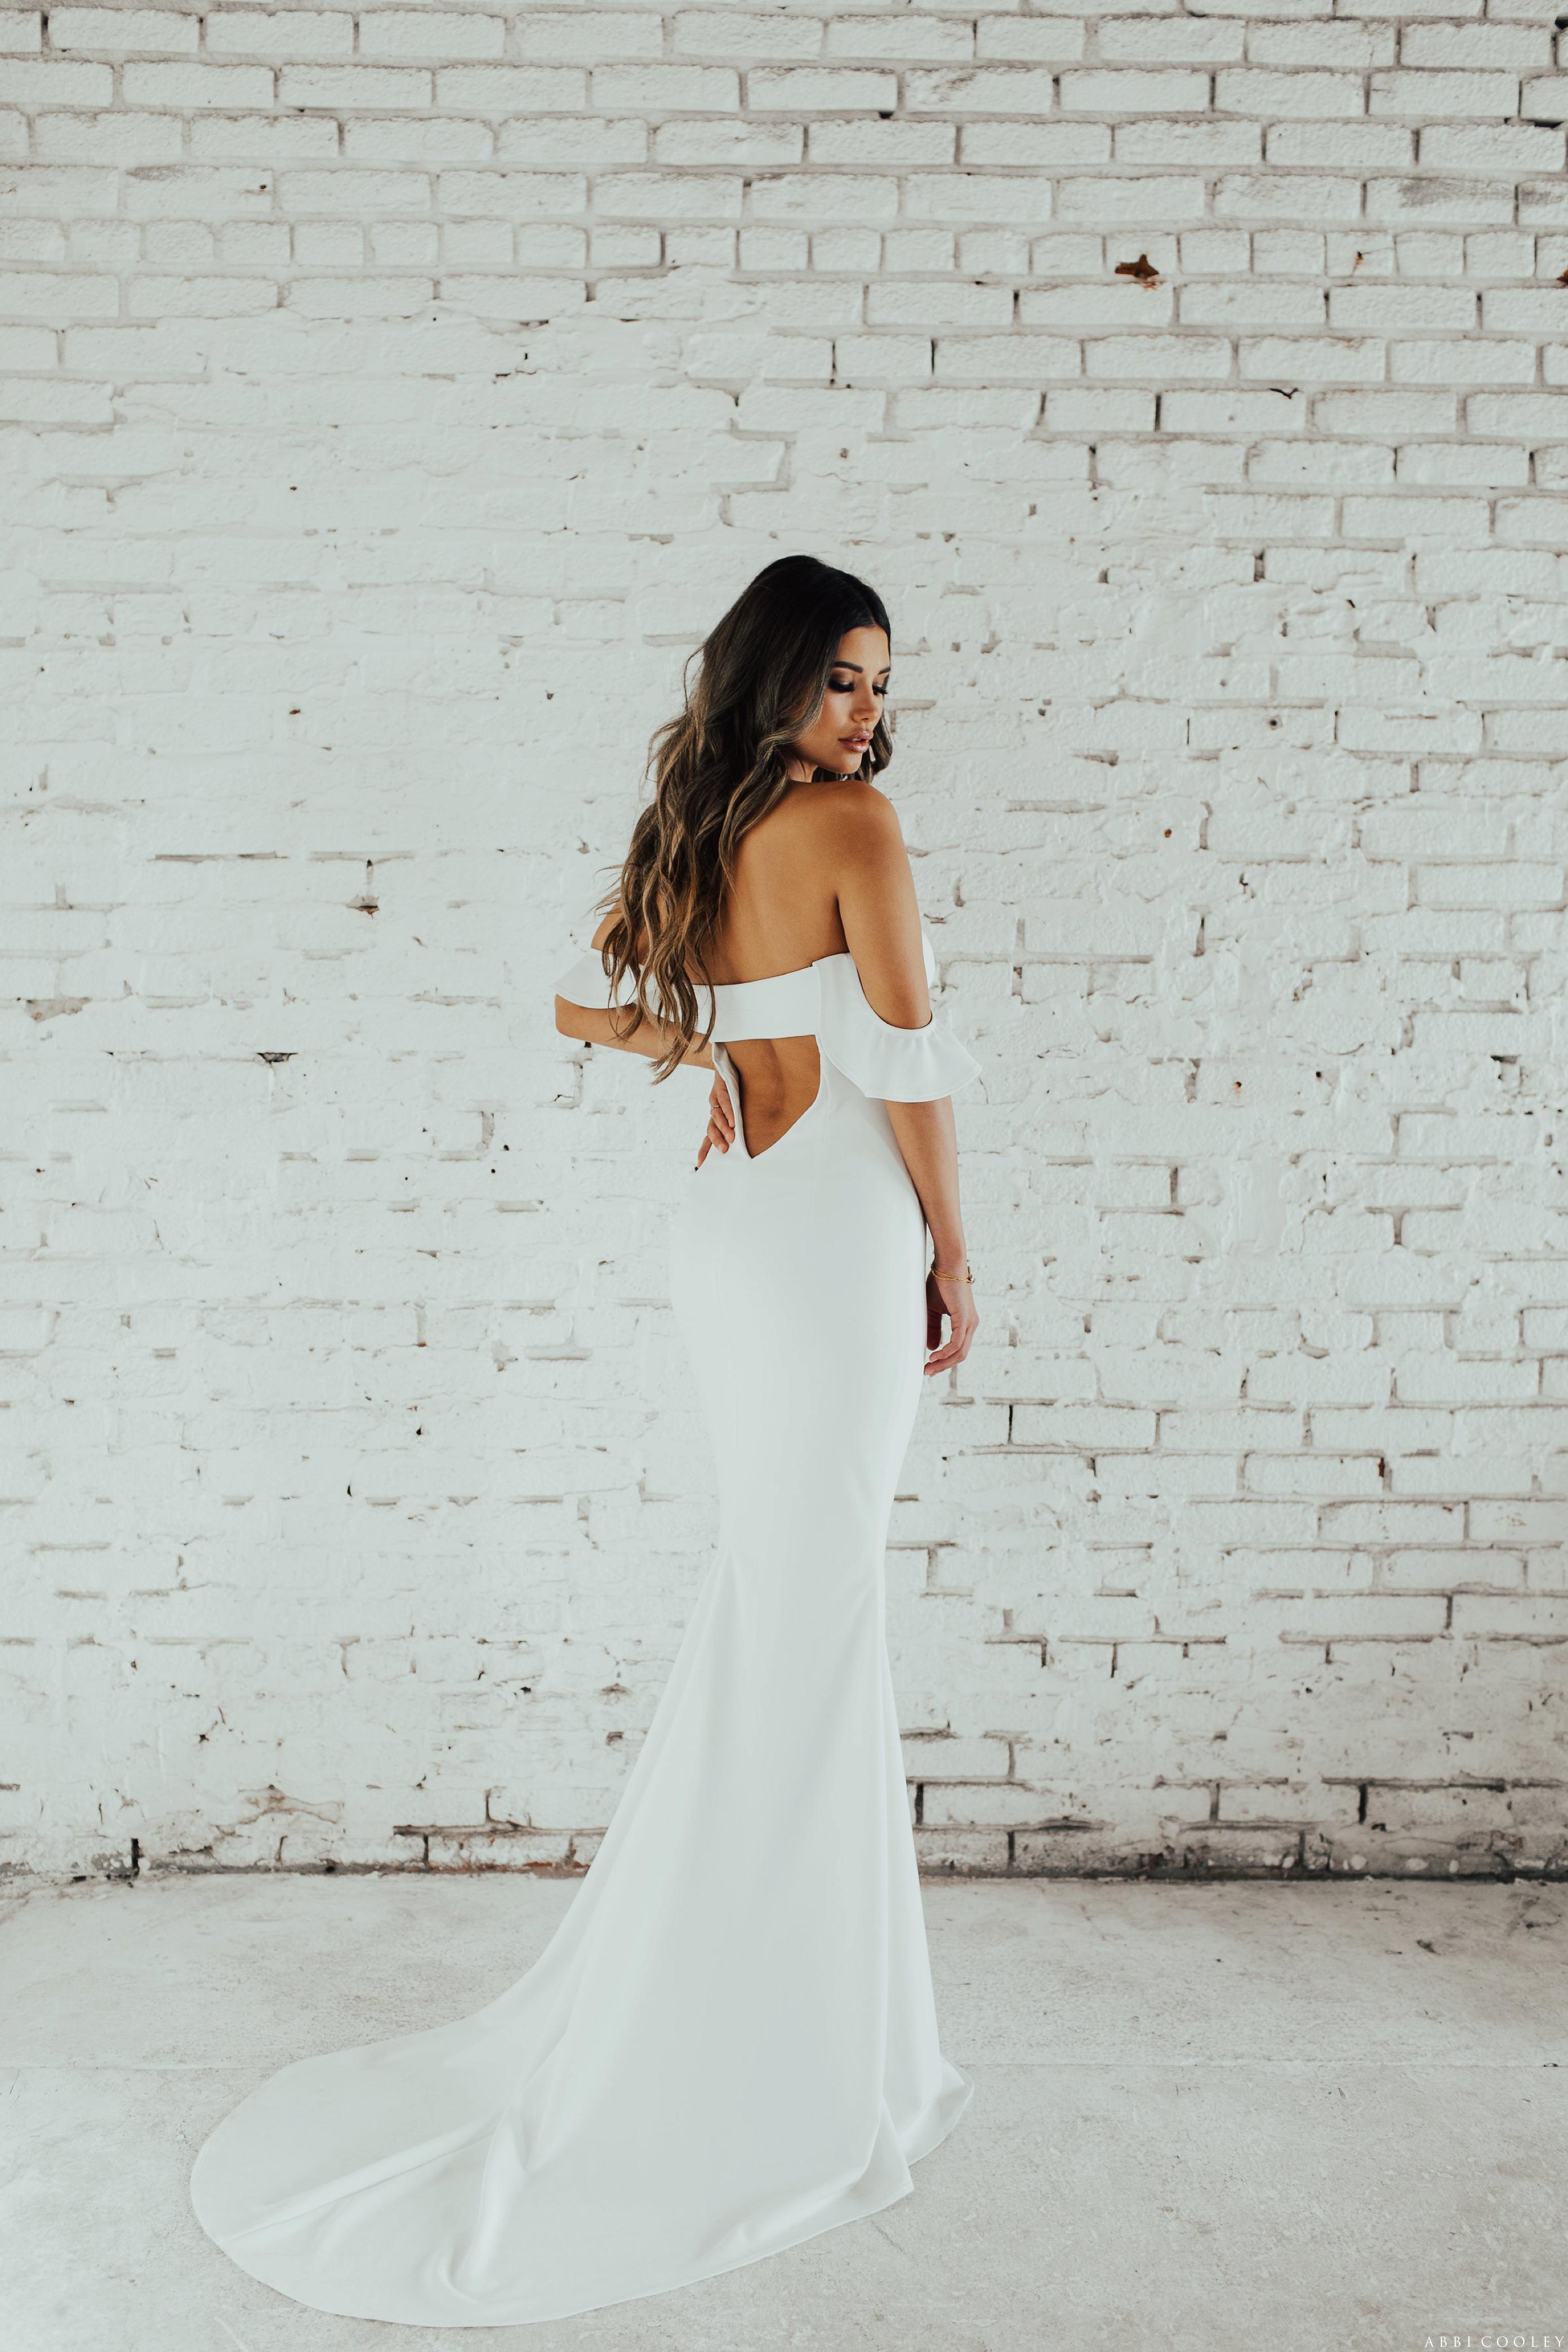 off the shoulder wedding dress Katie May 2017 Lookbook